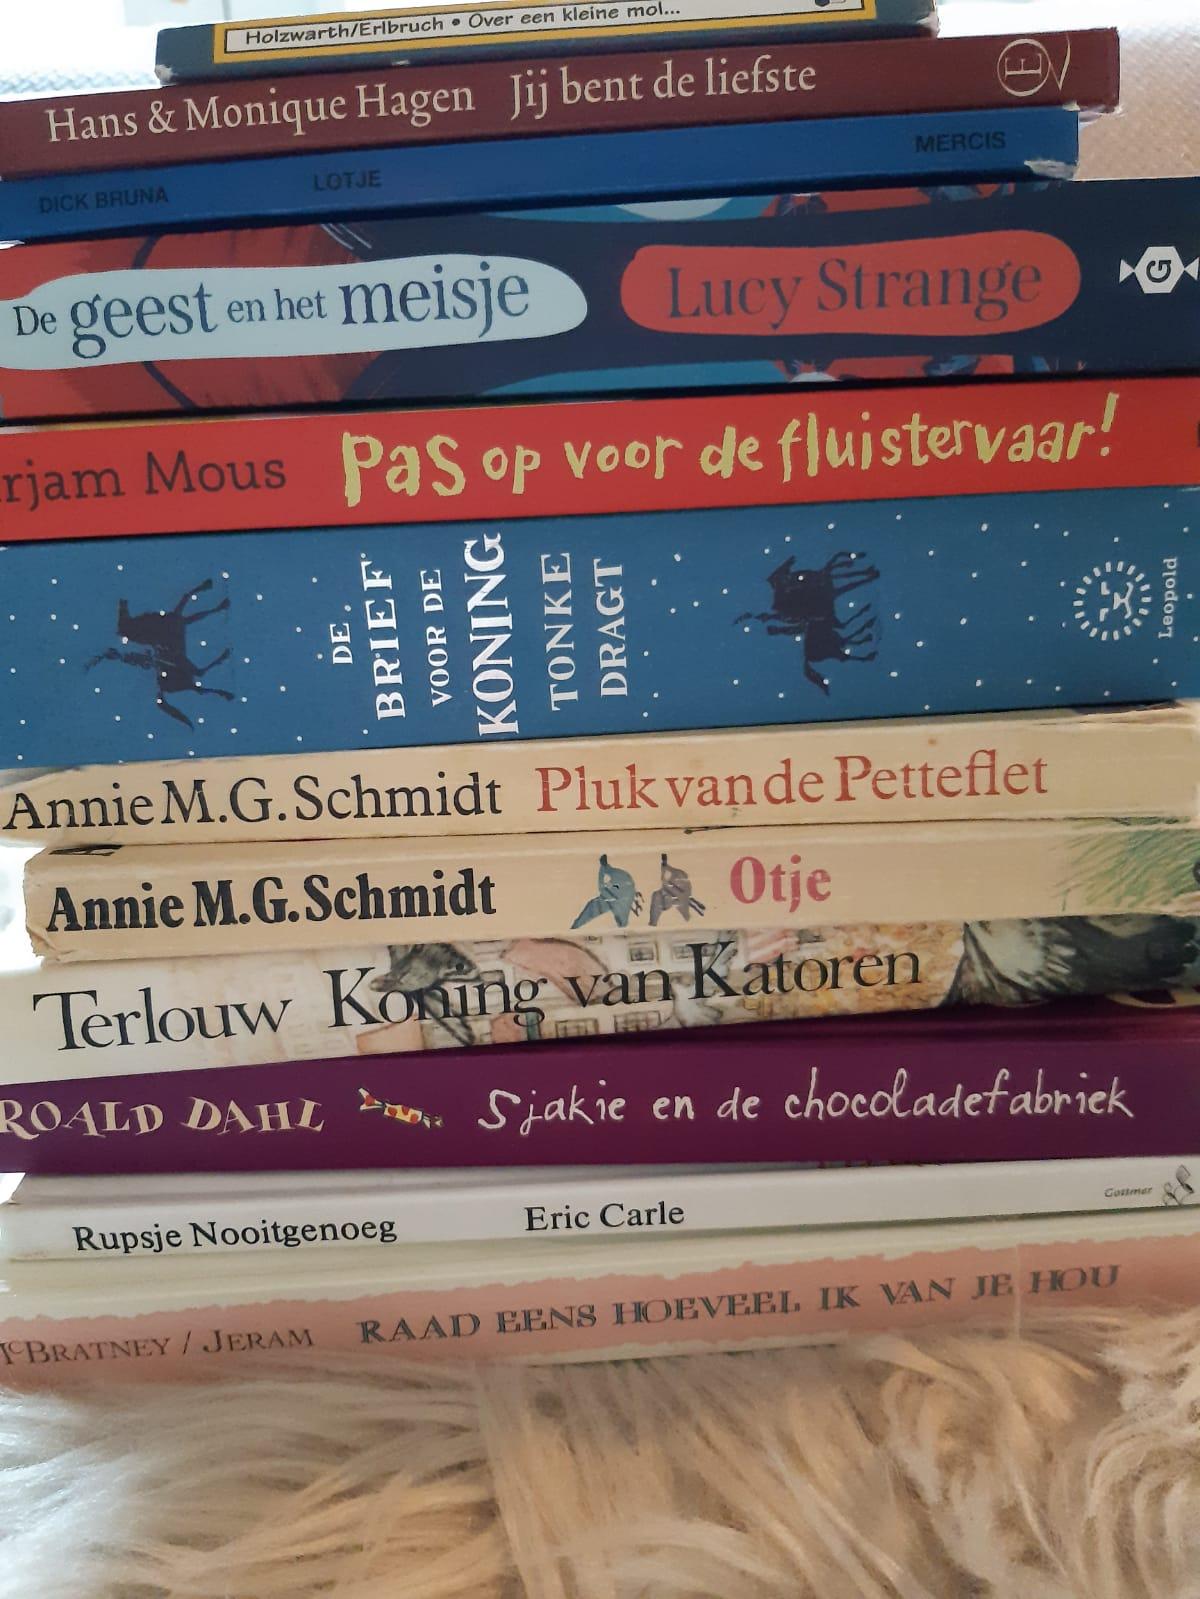 'Ga uit van wat het kind wil', zei Annie M.G. Schmidt. Dan krijgen ze het meeste plezier in lezen. En wat ze leuk vinden, dat gaan ze dóén. Daar waar onze 17-jarige dochter het lezen weer 'herontdekt' heeft en hieruit haar ontspanning haalt, leest onze 13-jarige puberzoon nog nauwelijks (ja, schermen…). Wetende dat dit een […]